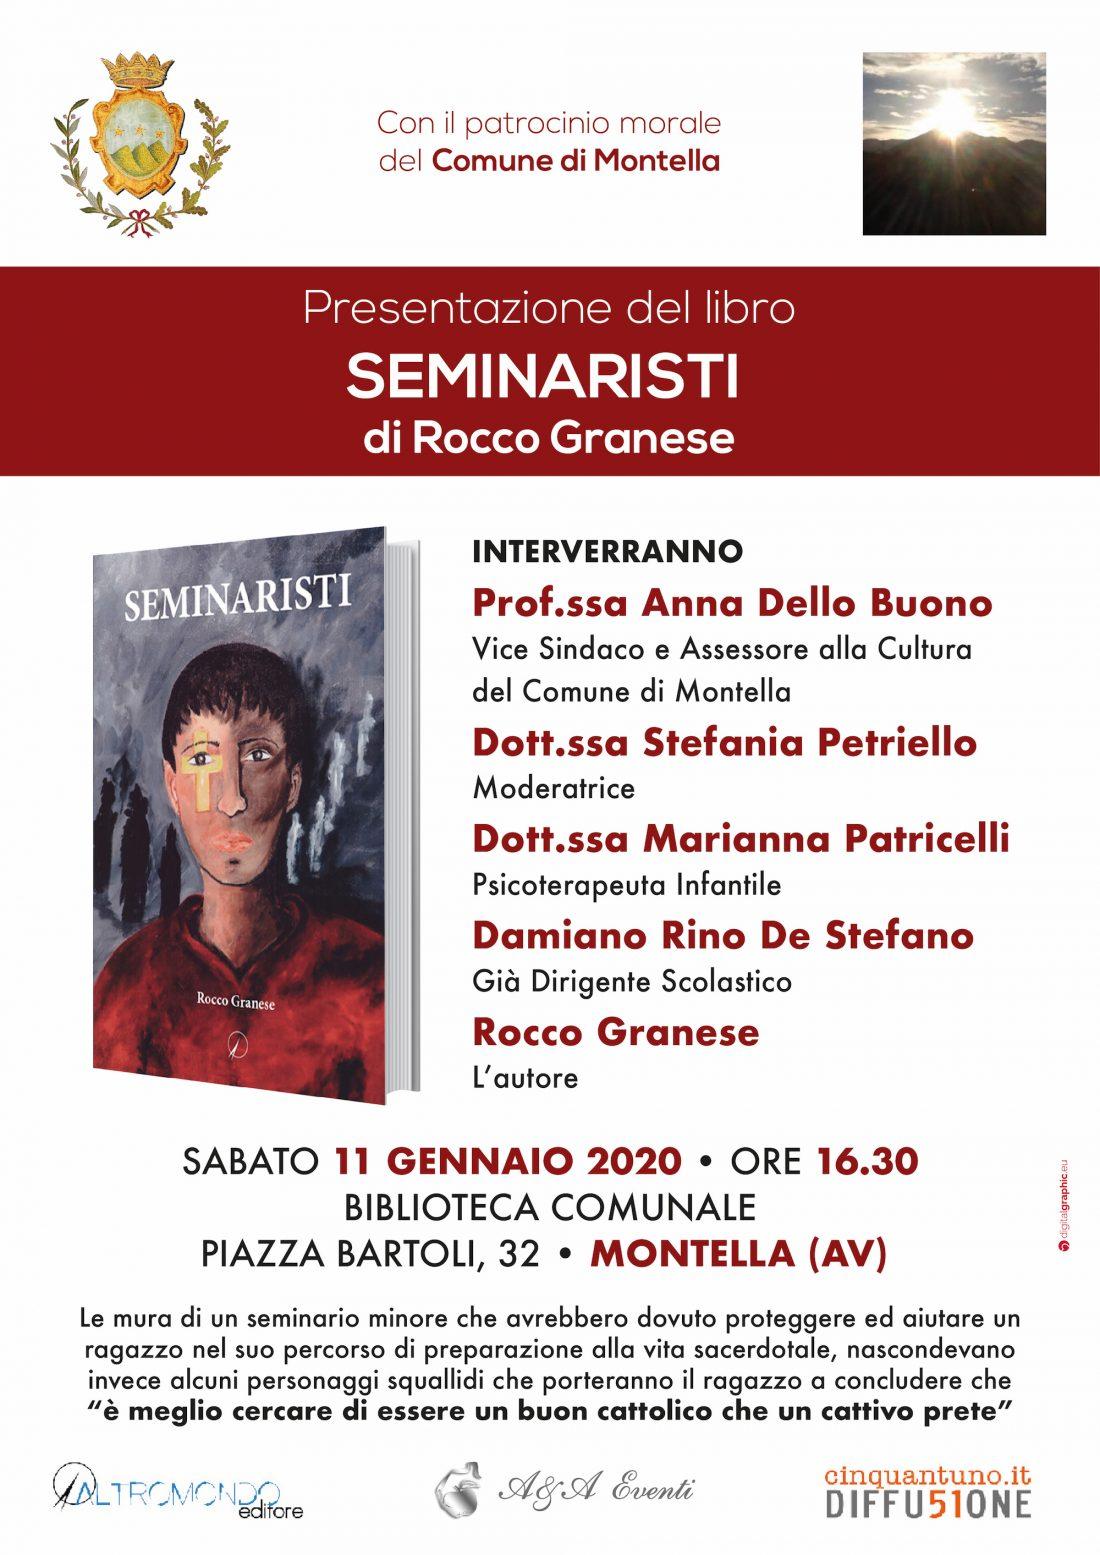 """Presentazione del libro """"Seminaristi"""" di Rocco Granese"""